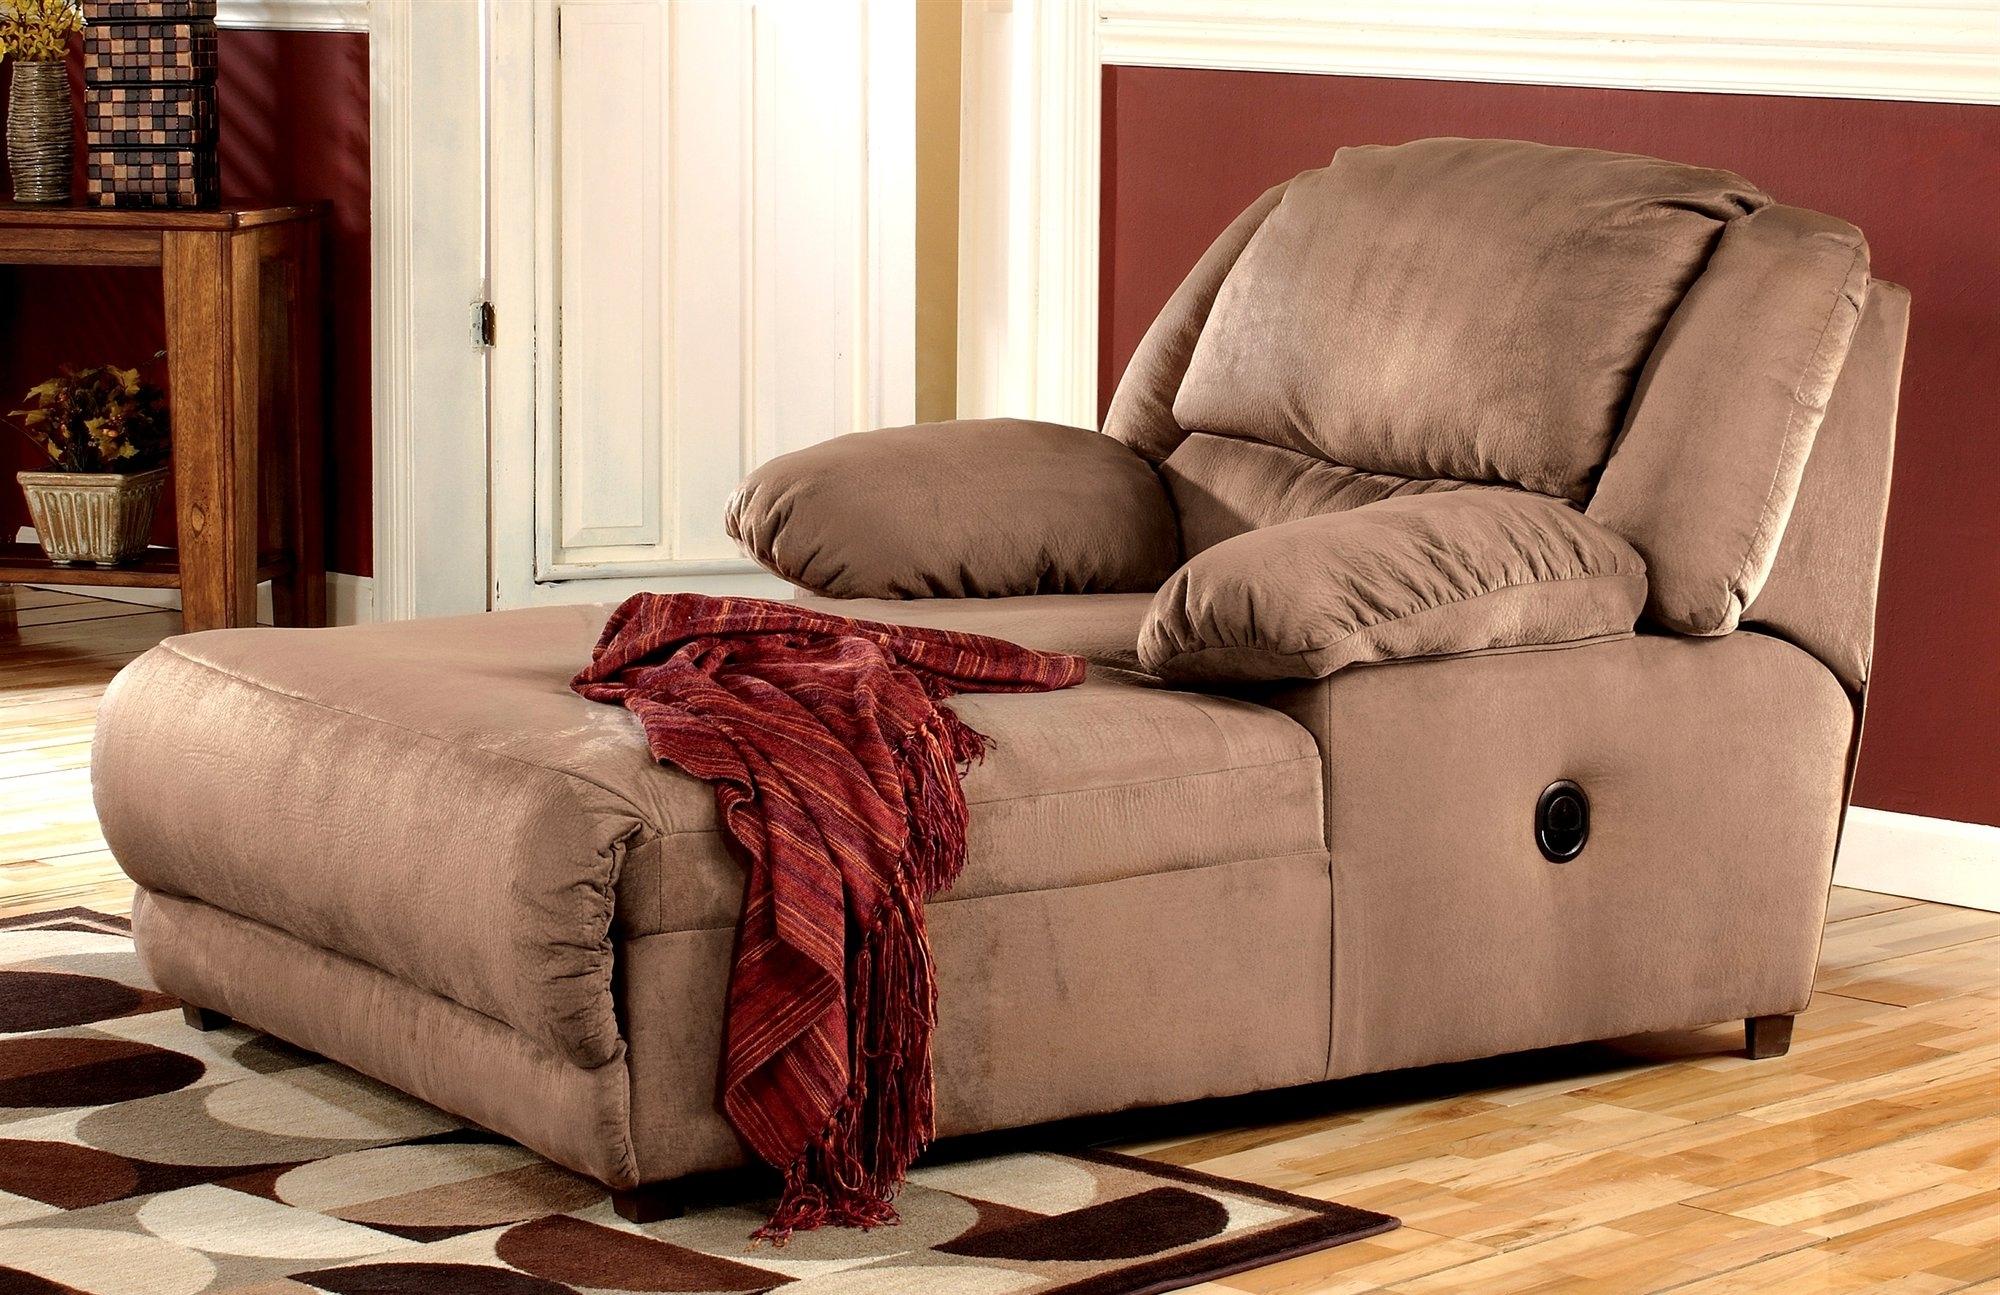 Fullsize Of Indoor Lounge Chair